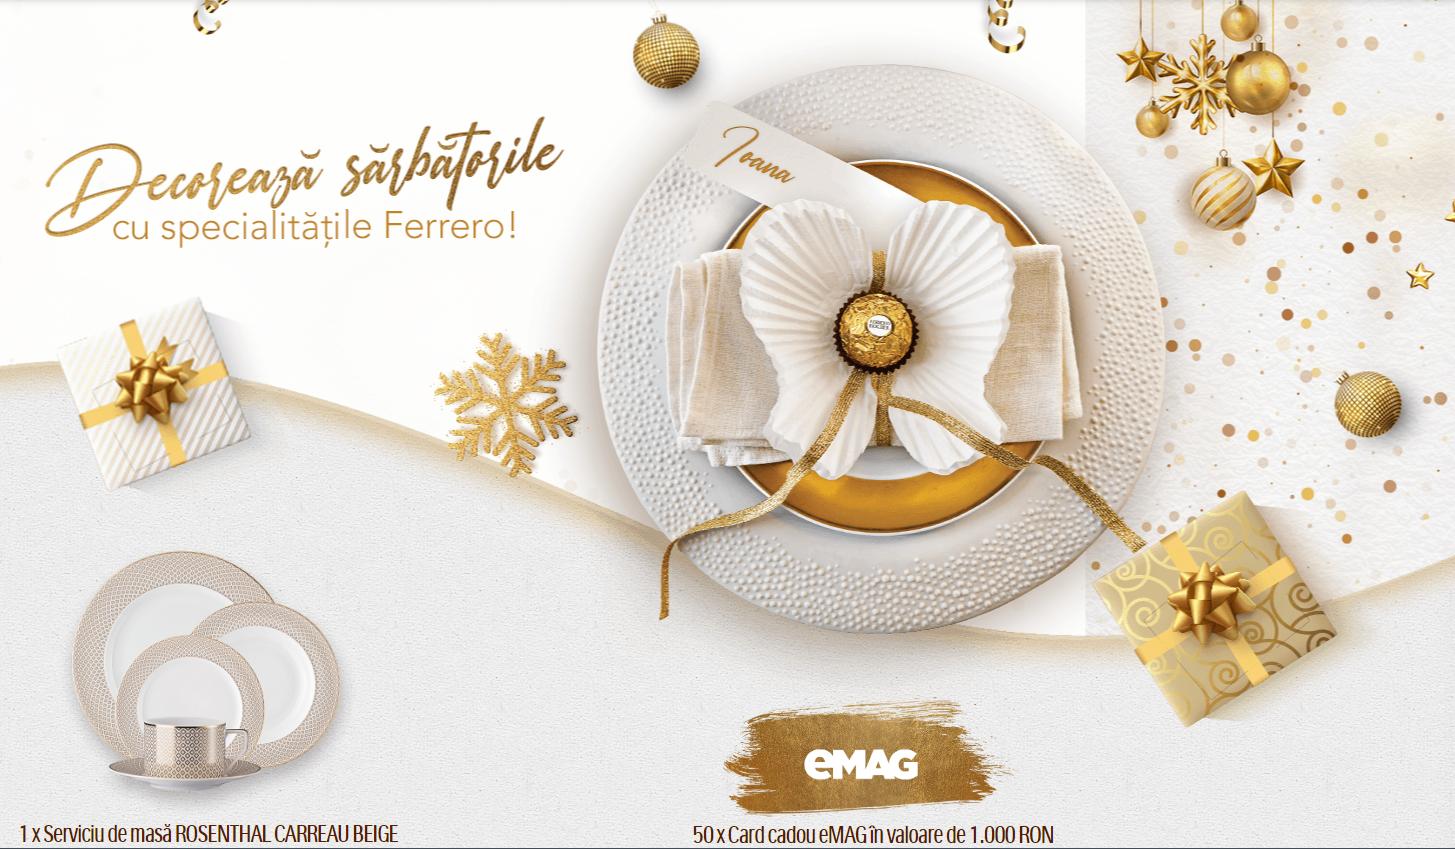 Concurs Ferrero - Descopera sarbatorile cu specialitatile Ferrero - concursuri - online - premii